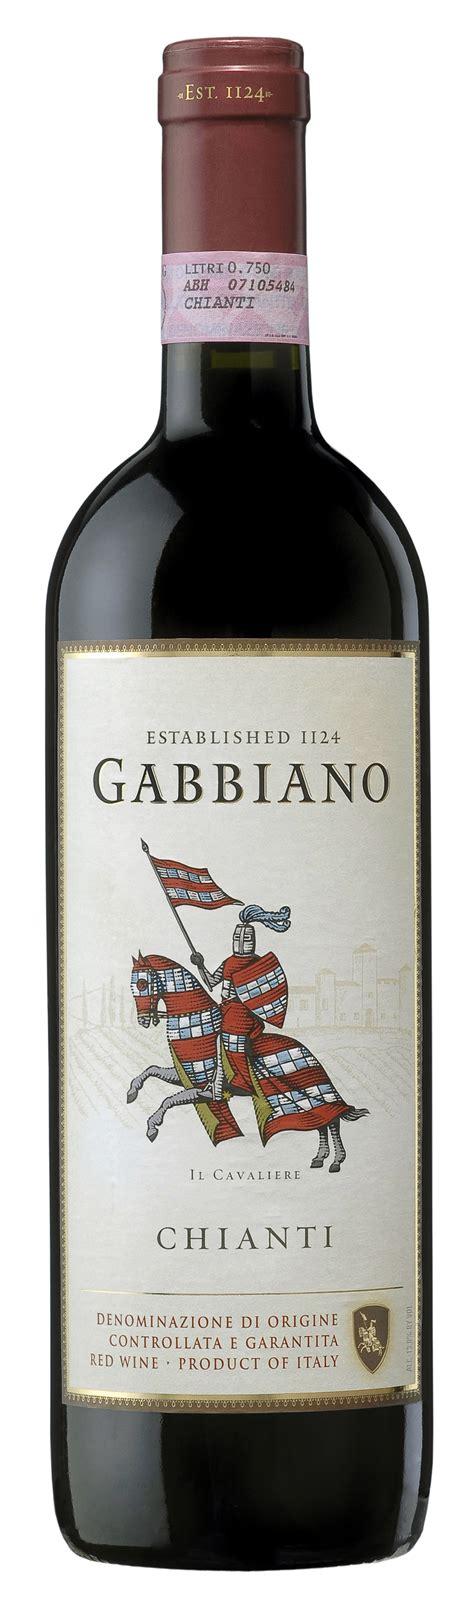 chianti classico gabbiano di gabbiano a wine inspired vacation to italy